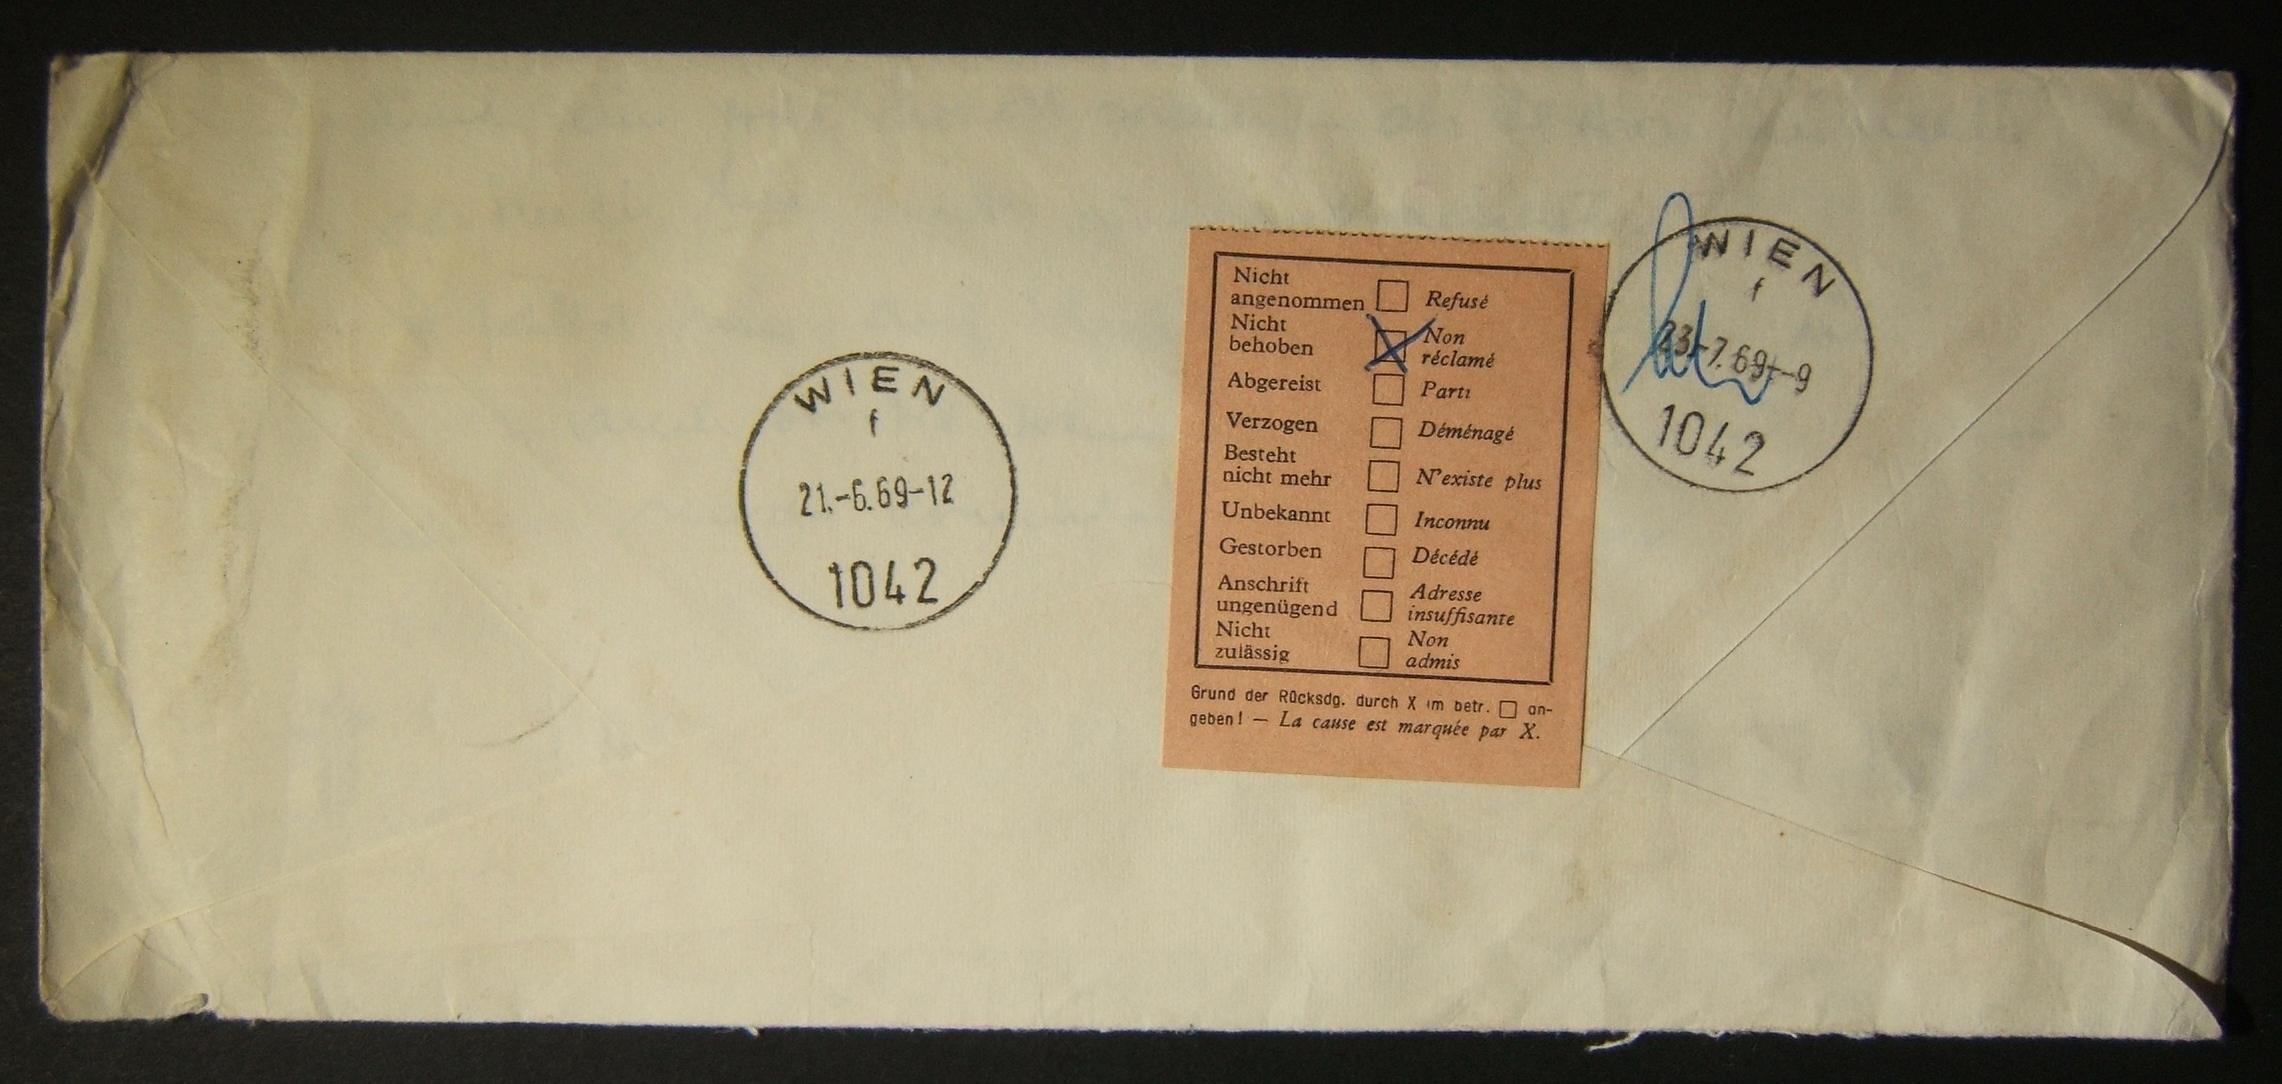 Briefmarken Philatelie Und Ephemera 1969 Zurückgekommener